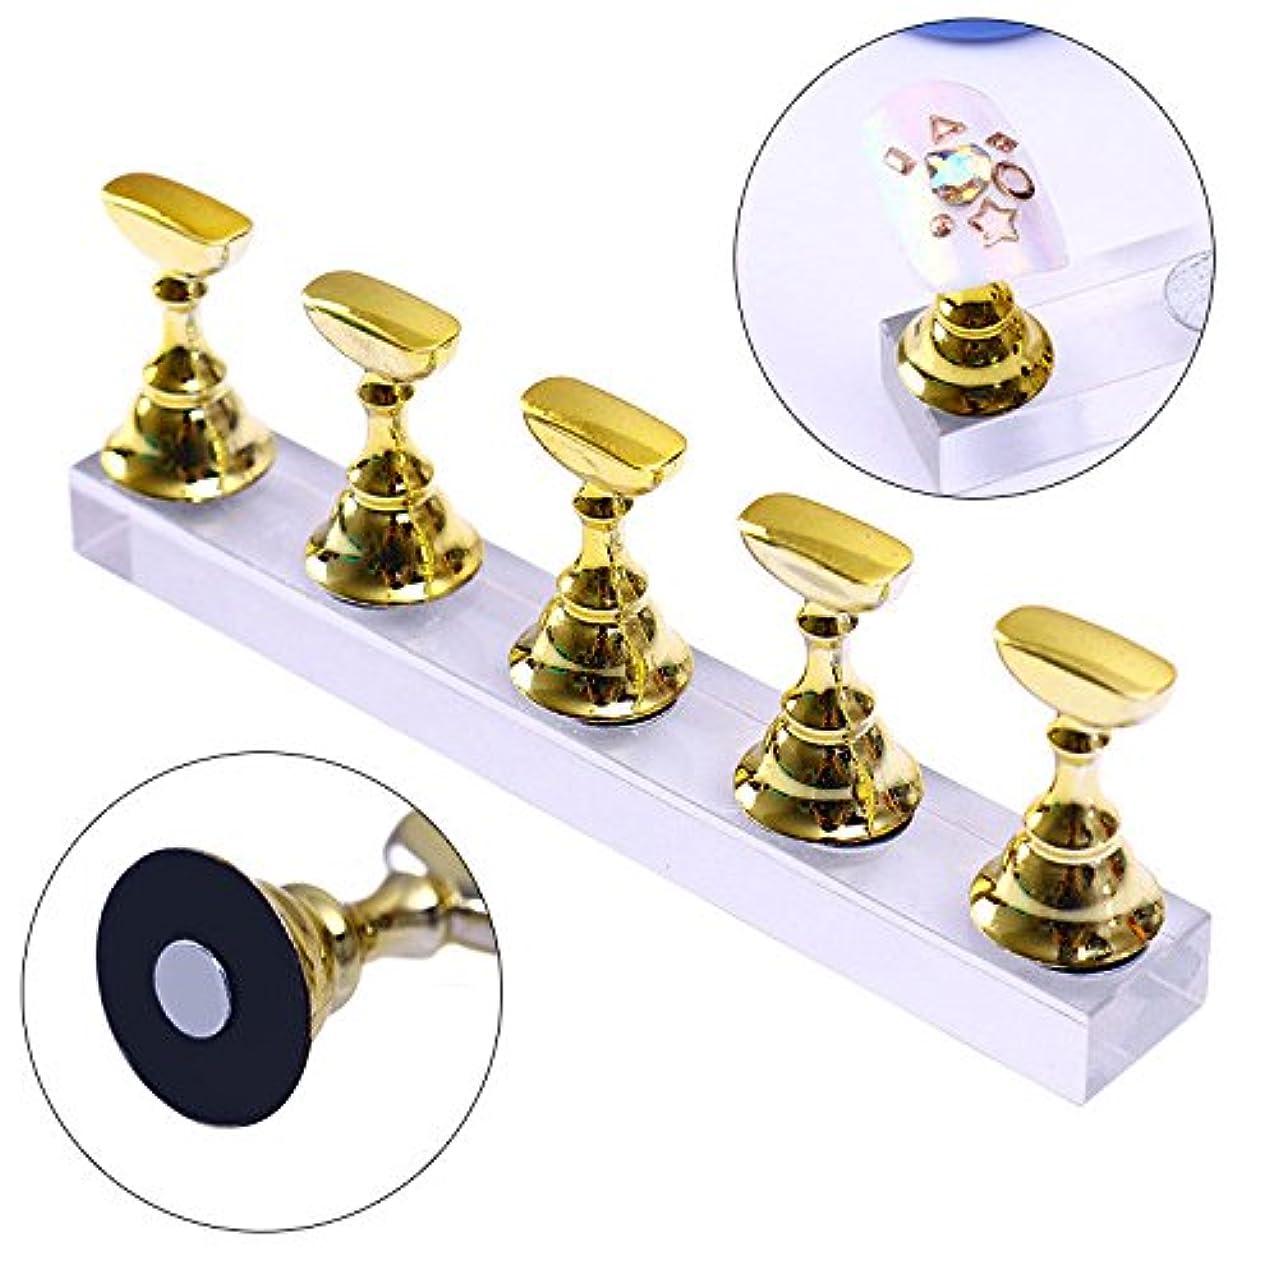 悲鳴元に戻すチロGaoominy 新品磁気アクリルマニキュア工具、ネイル練習ハンドネイルエクササイズペデスタル、ネイル用品、ネイルチップディスプレイスタンド、ゴールド